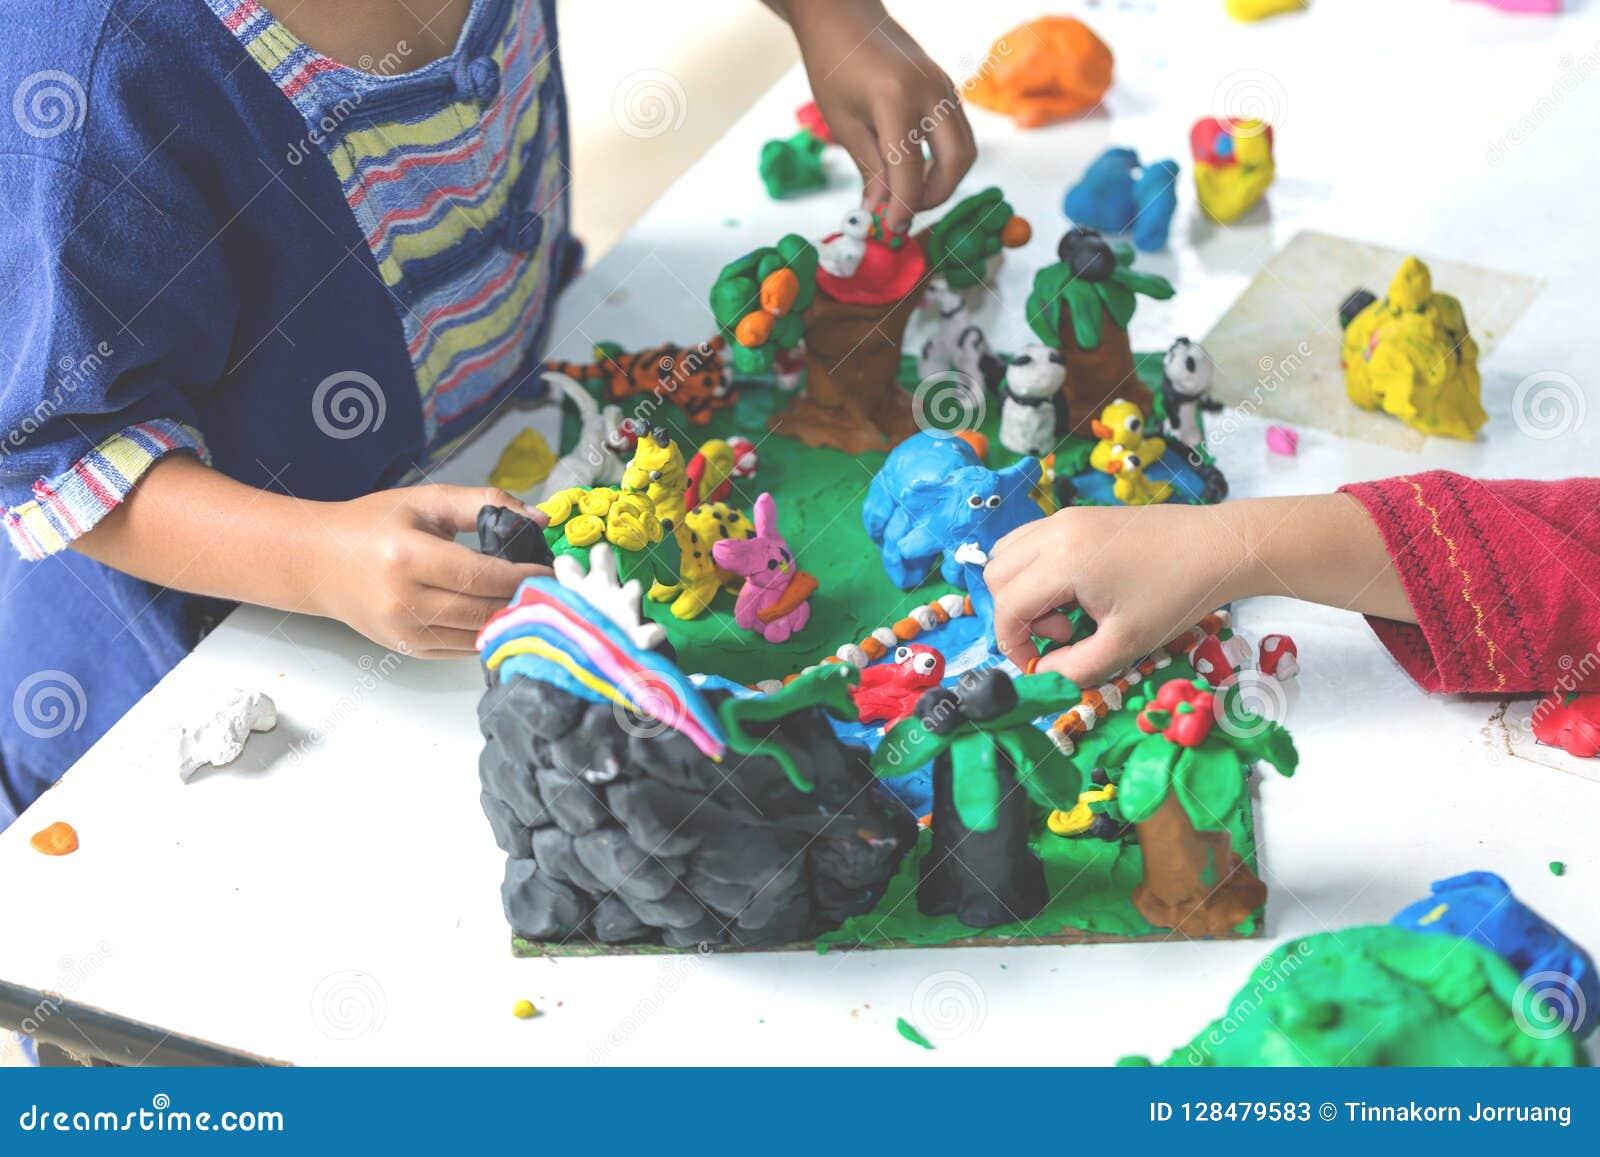 Ребенок играя с формами прессформы глины, творческие способности детей